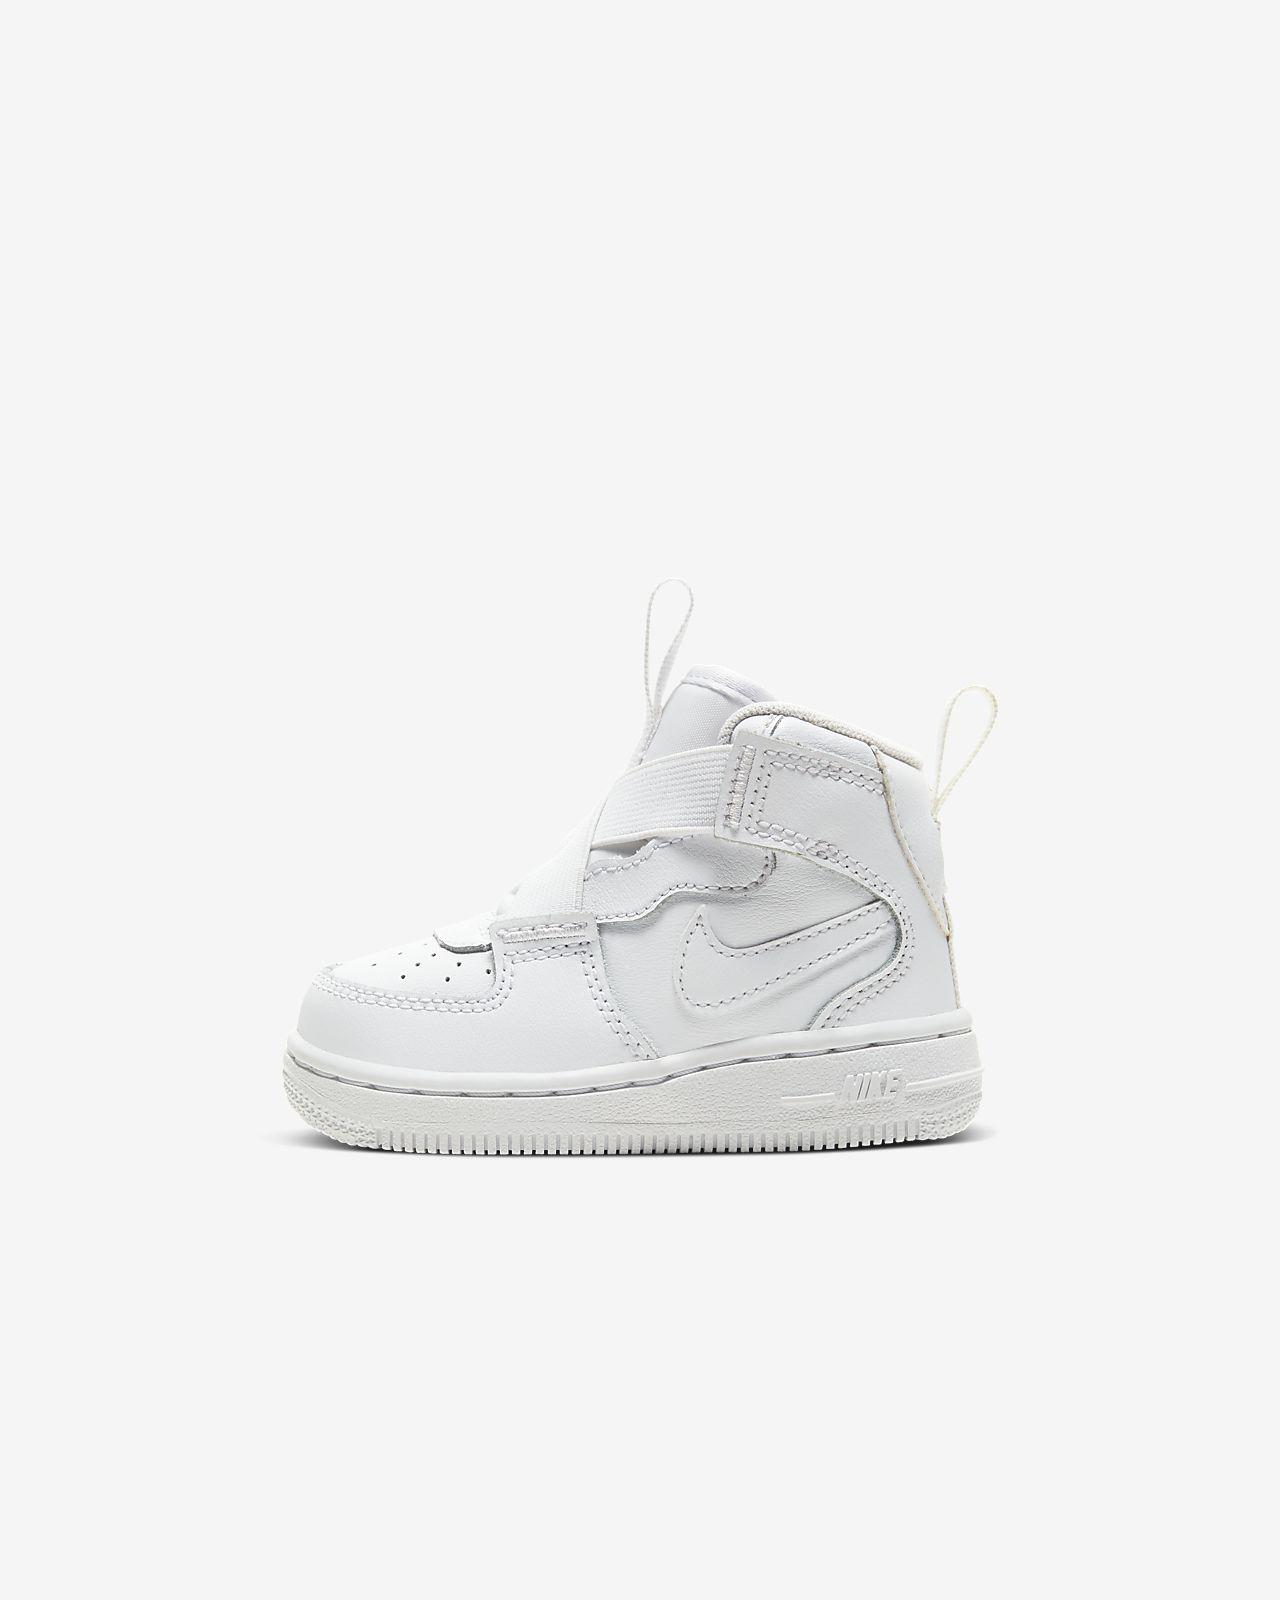 Nike Force 1 Highness sko til babyersmåbørn